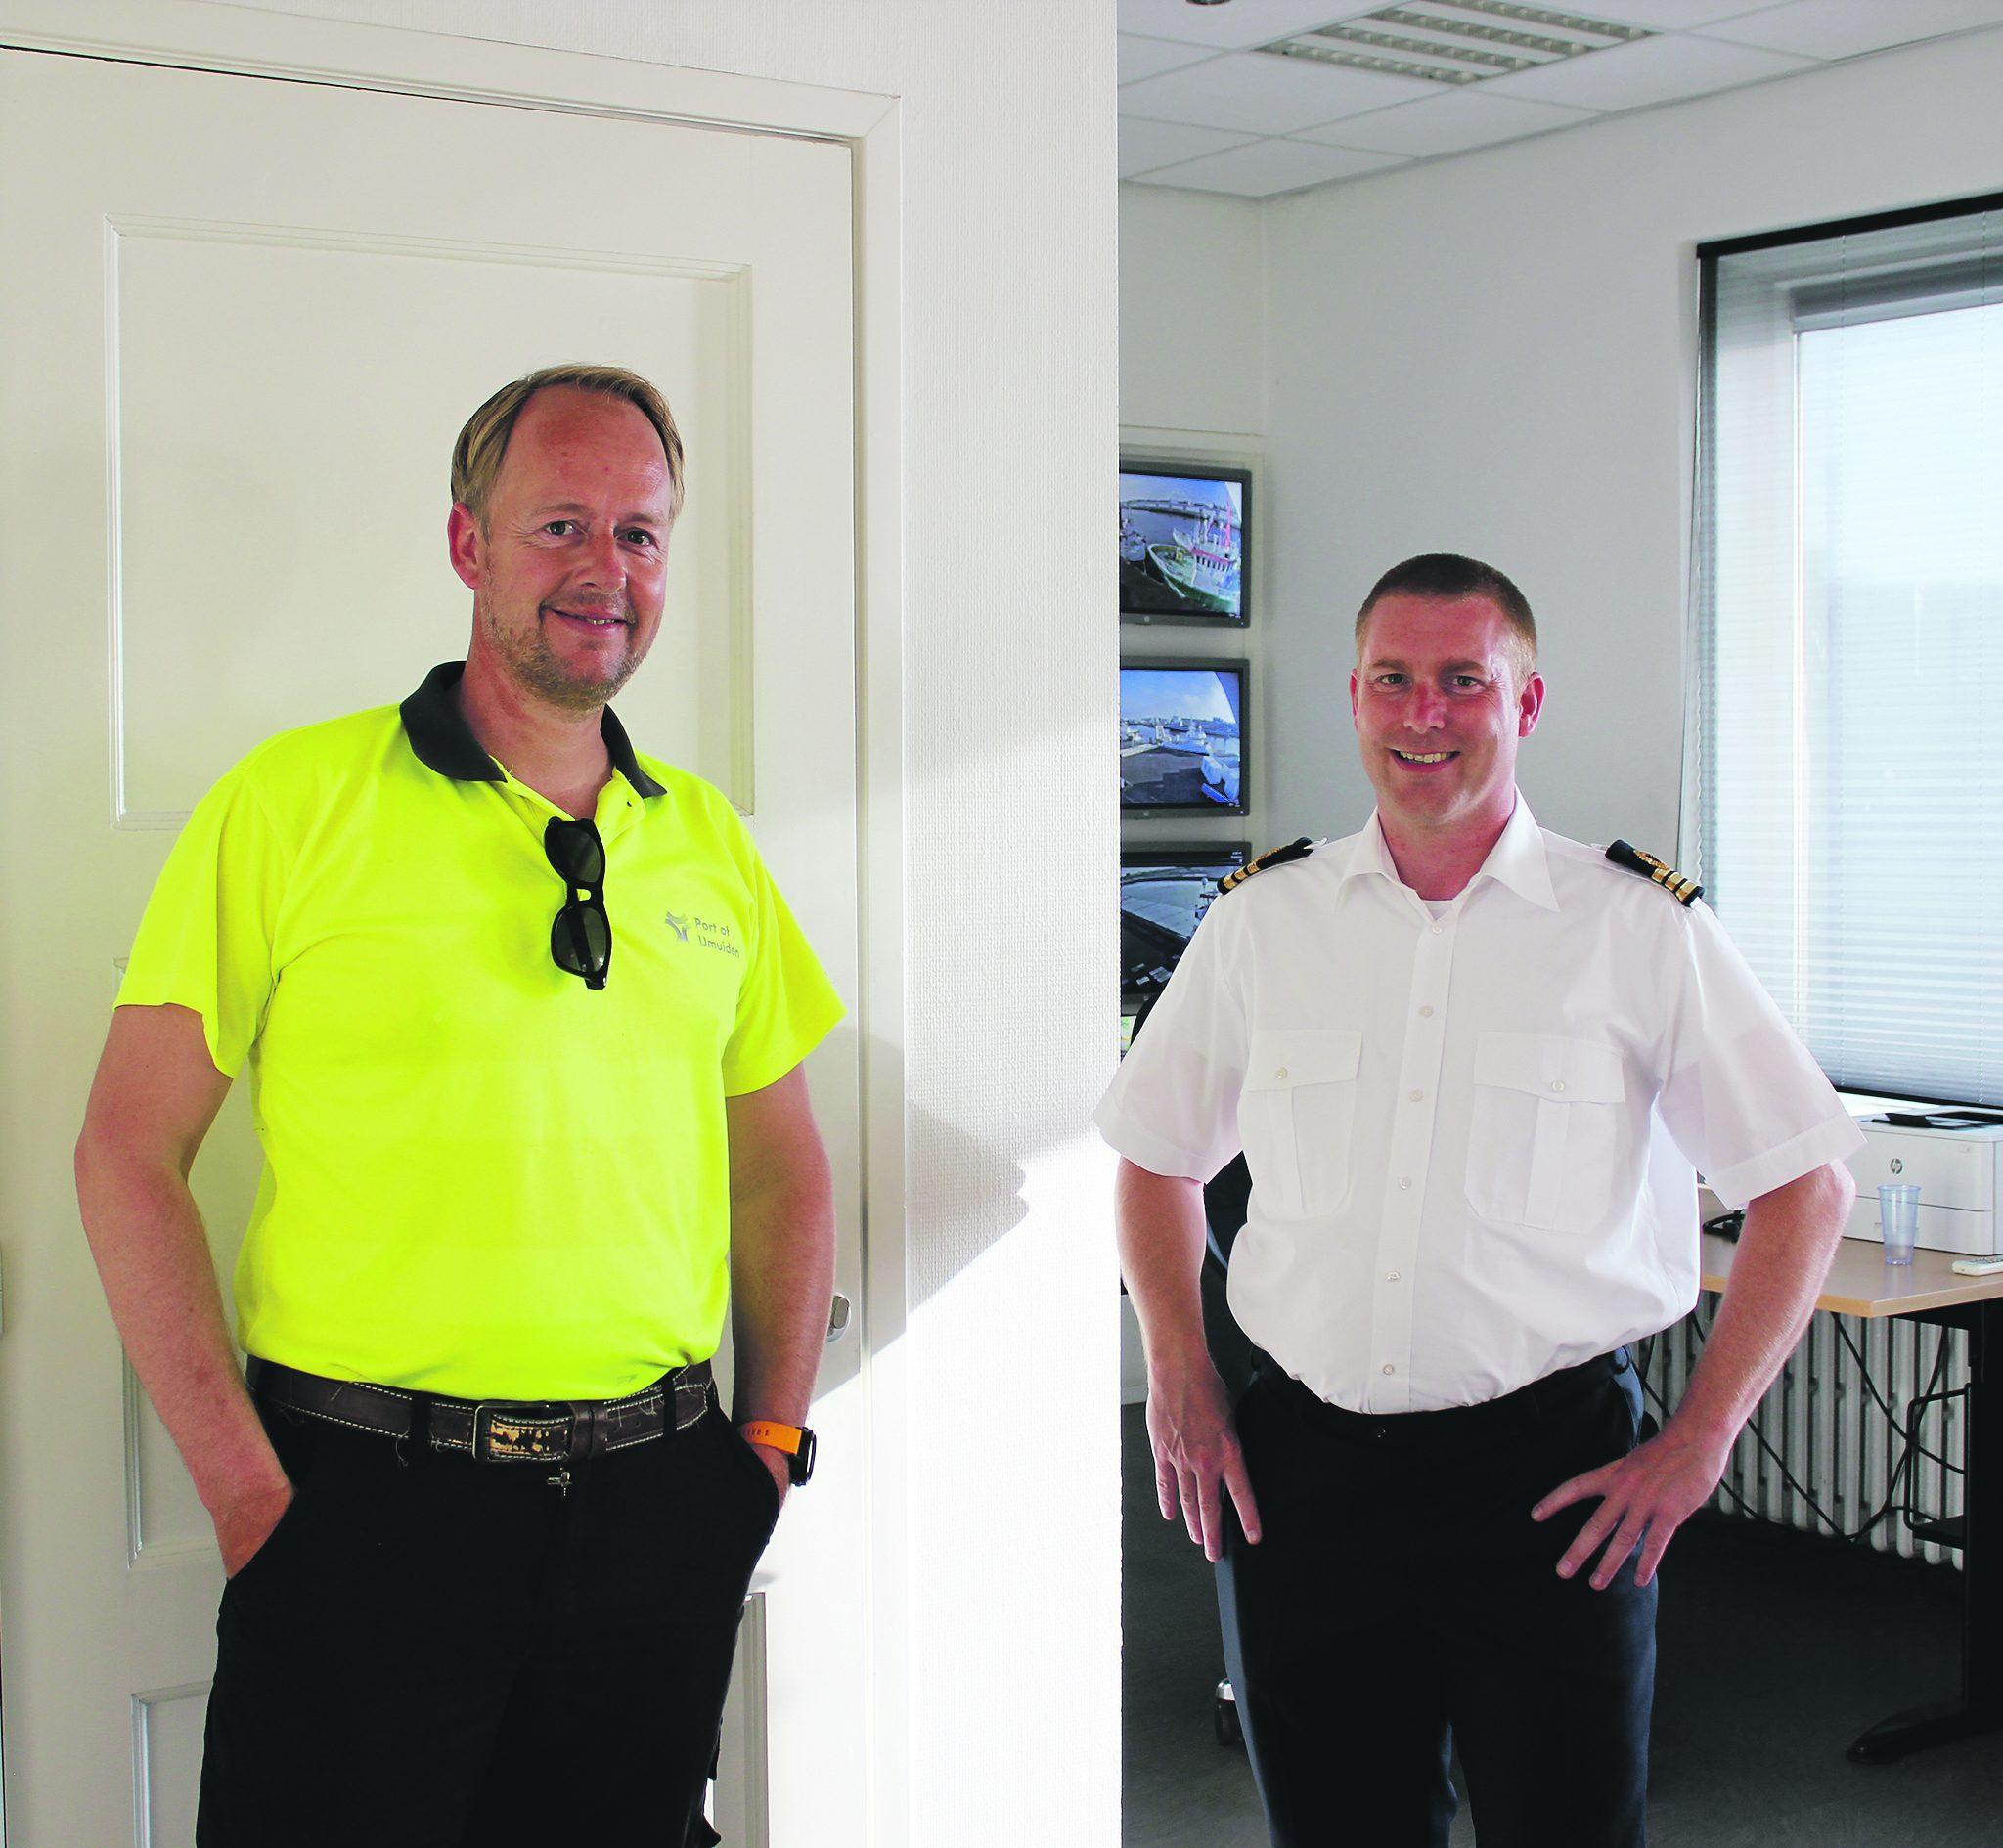 Havenmeester Peter Blinkhof en adjunct-havenmeester Eric van der Steen geven leiding aan de zeven havenwachters. De havendienst draait 24/7. Foto's Dorien Voskuil